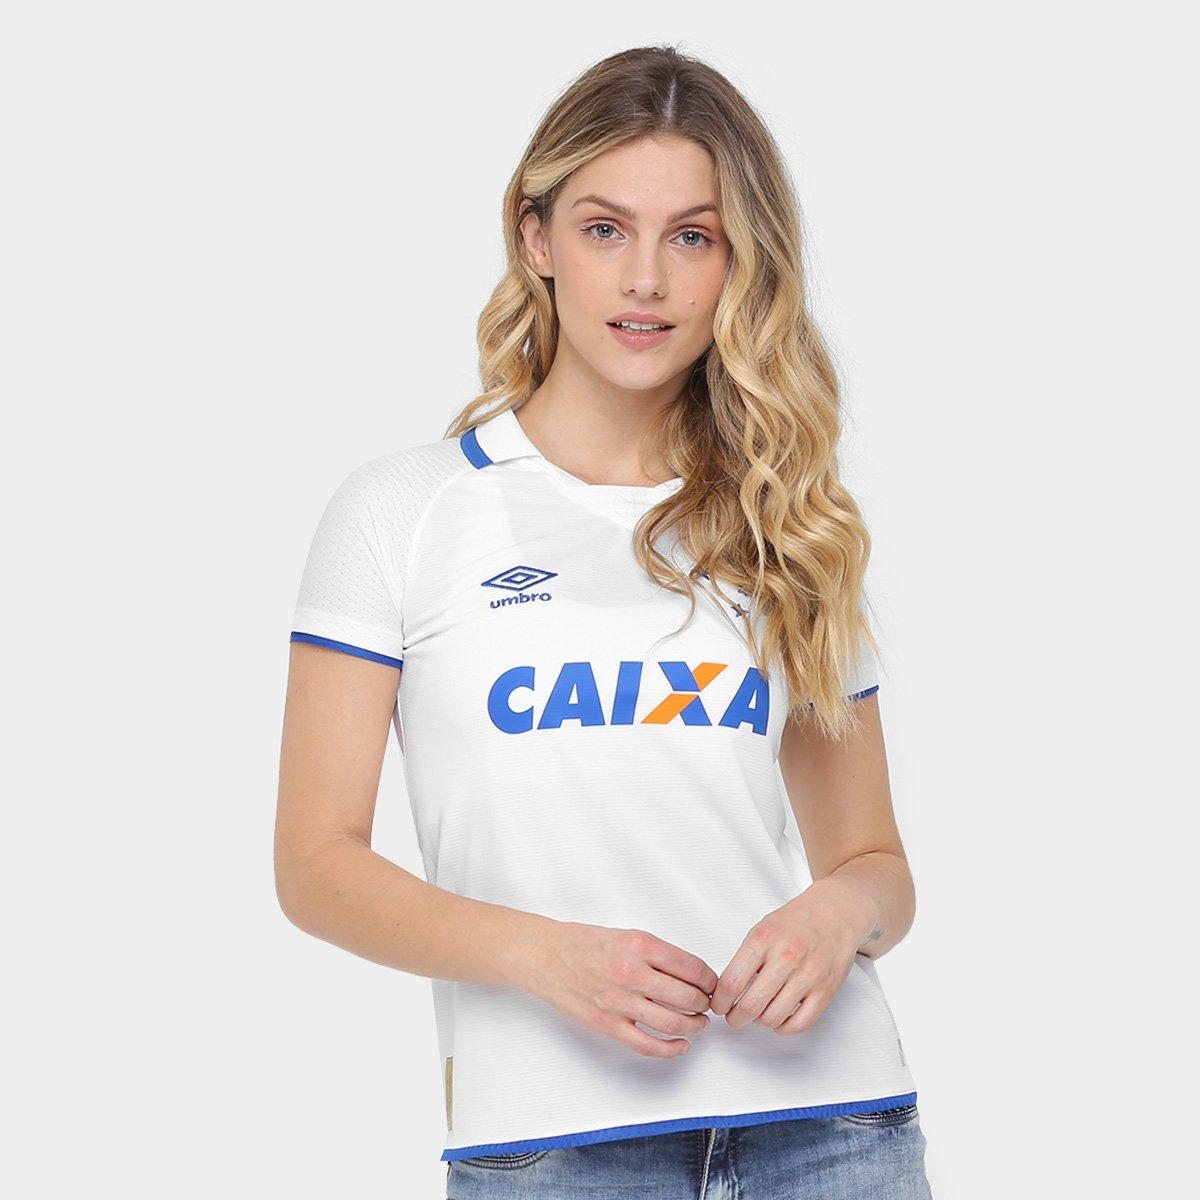 92335cb7b39f8 Camisa Cruzeiro II 17 18 s nº Torcedor Umbro Feminina - Compre Agora ...